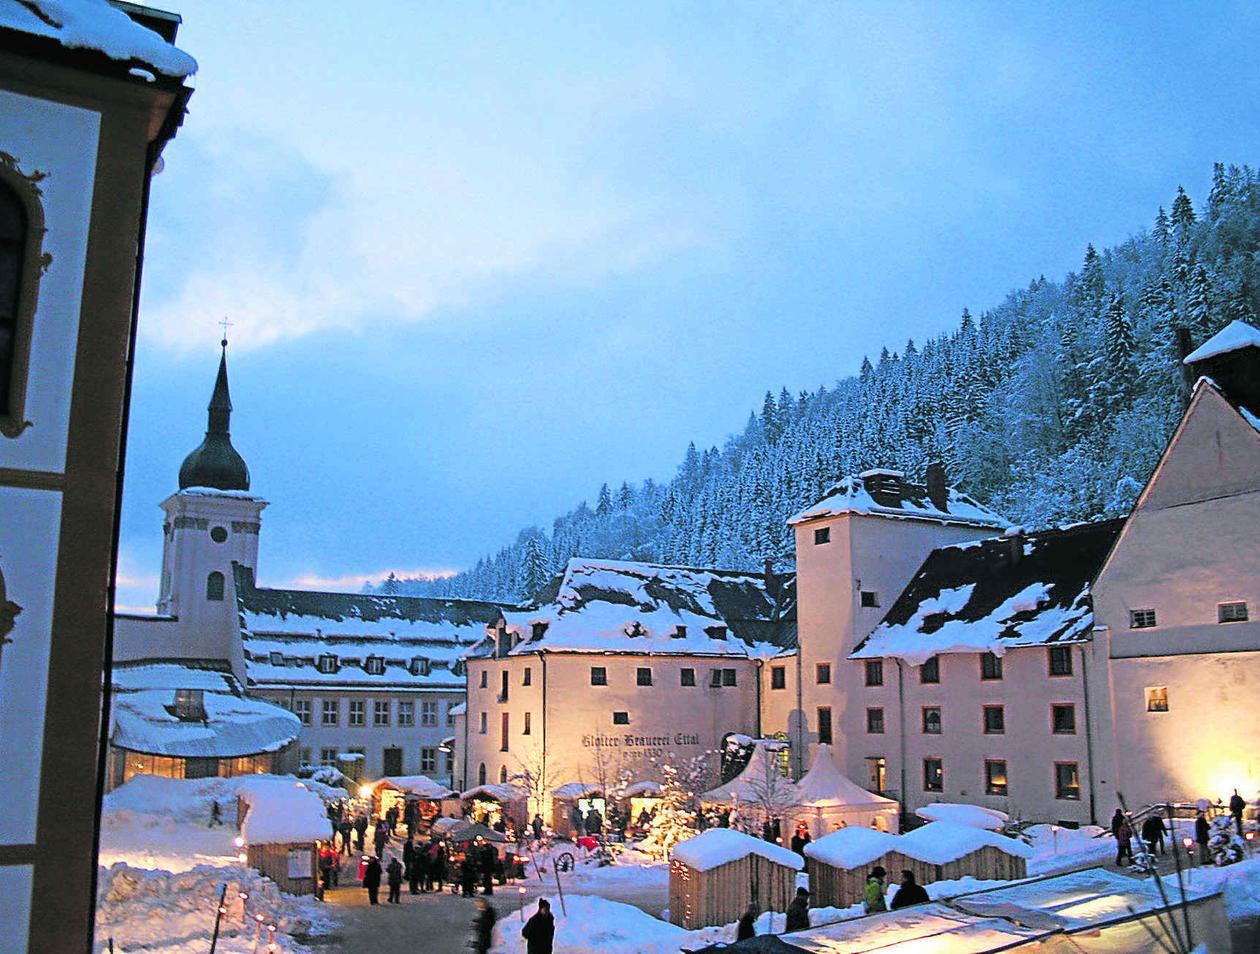 Weihnachtsmarkt Oberammergau.Große Weihnachtsmärkte In Oberammergau Und Im Kloster Ettal